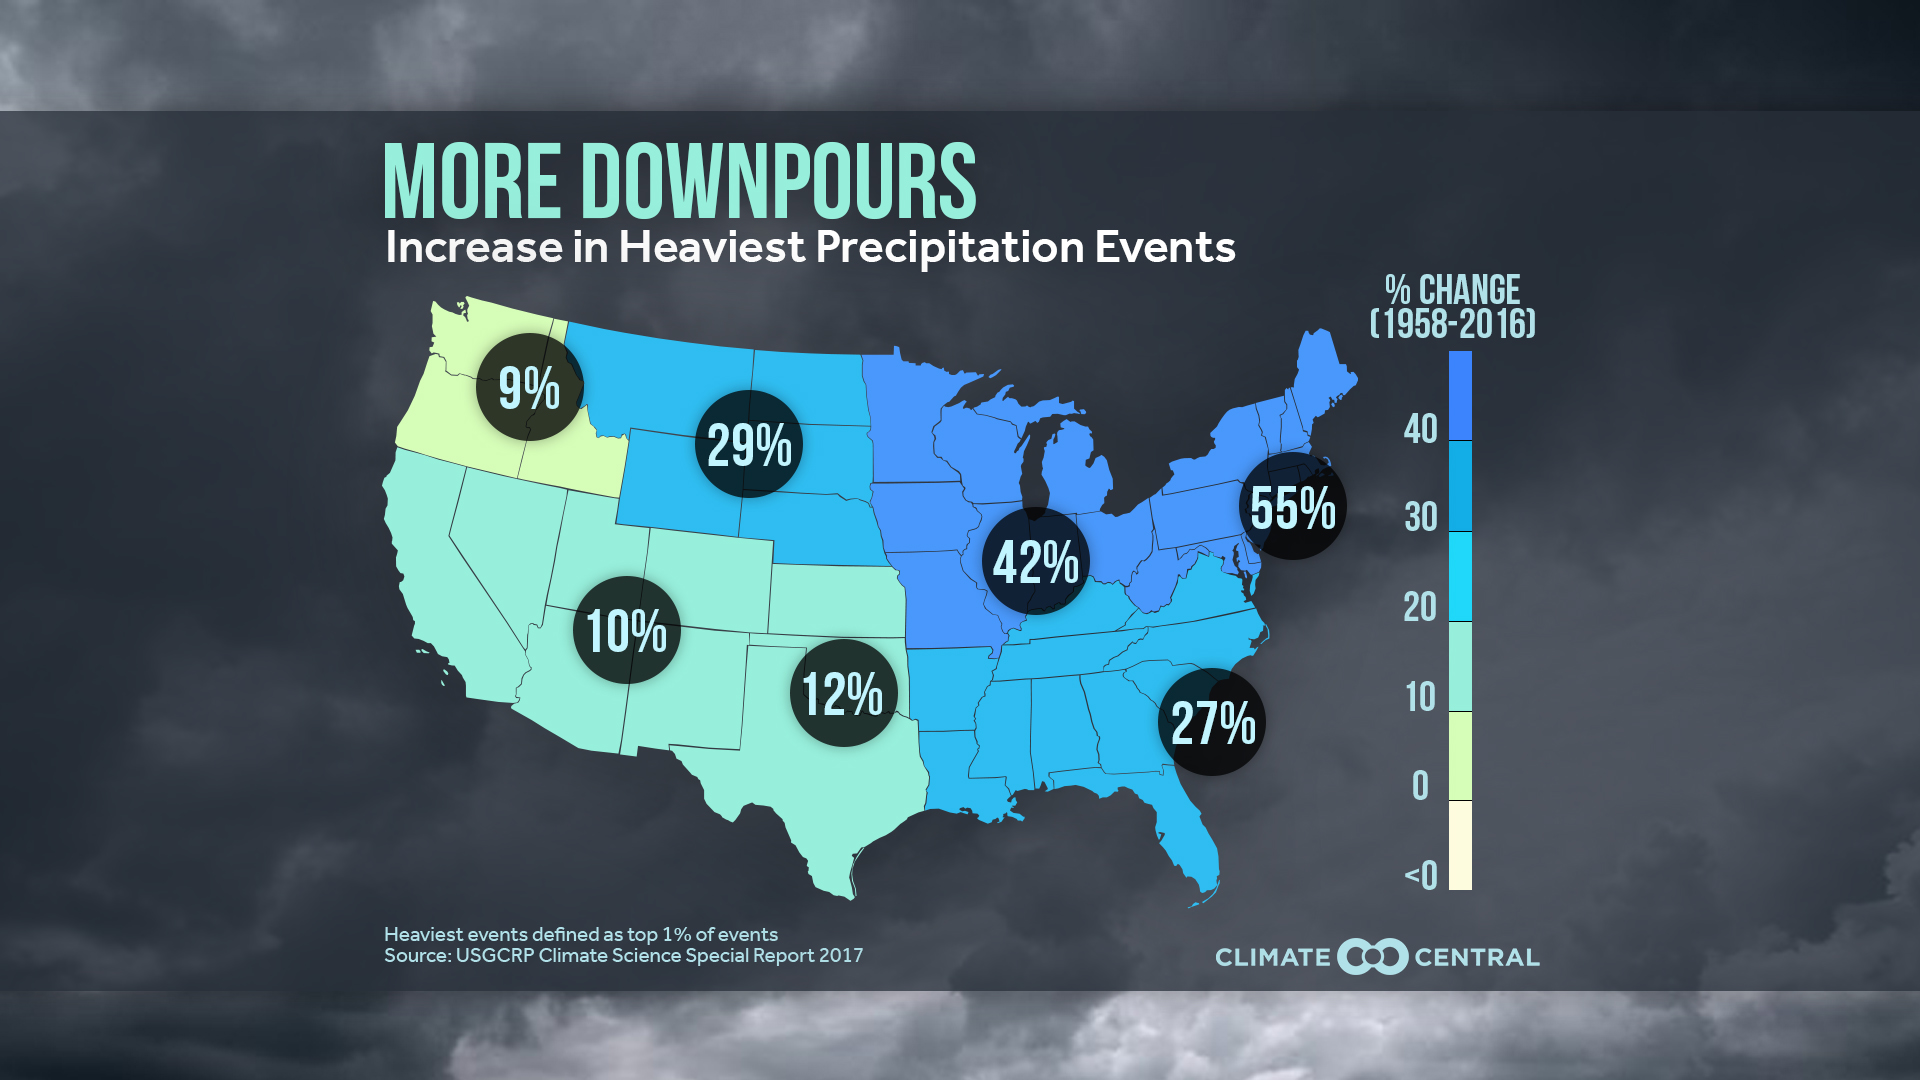 Downpours Map